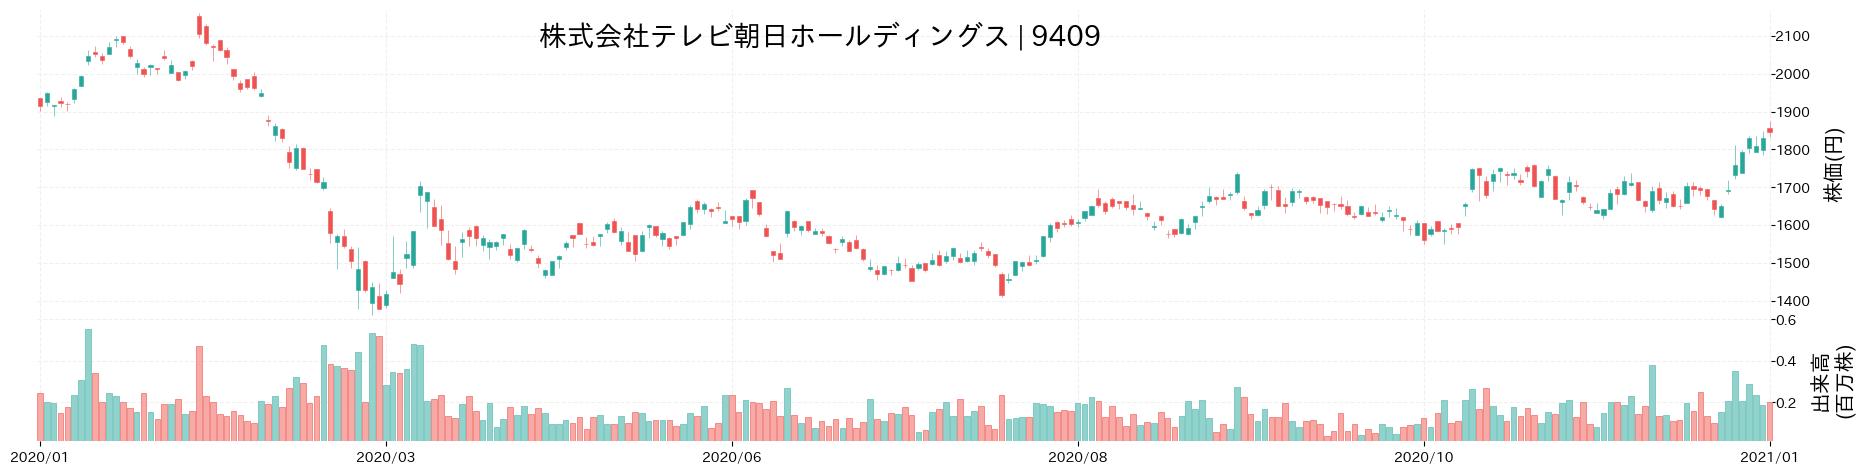 株式会社テレビ朝日ホールディングスの株価推移(2020)